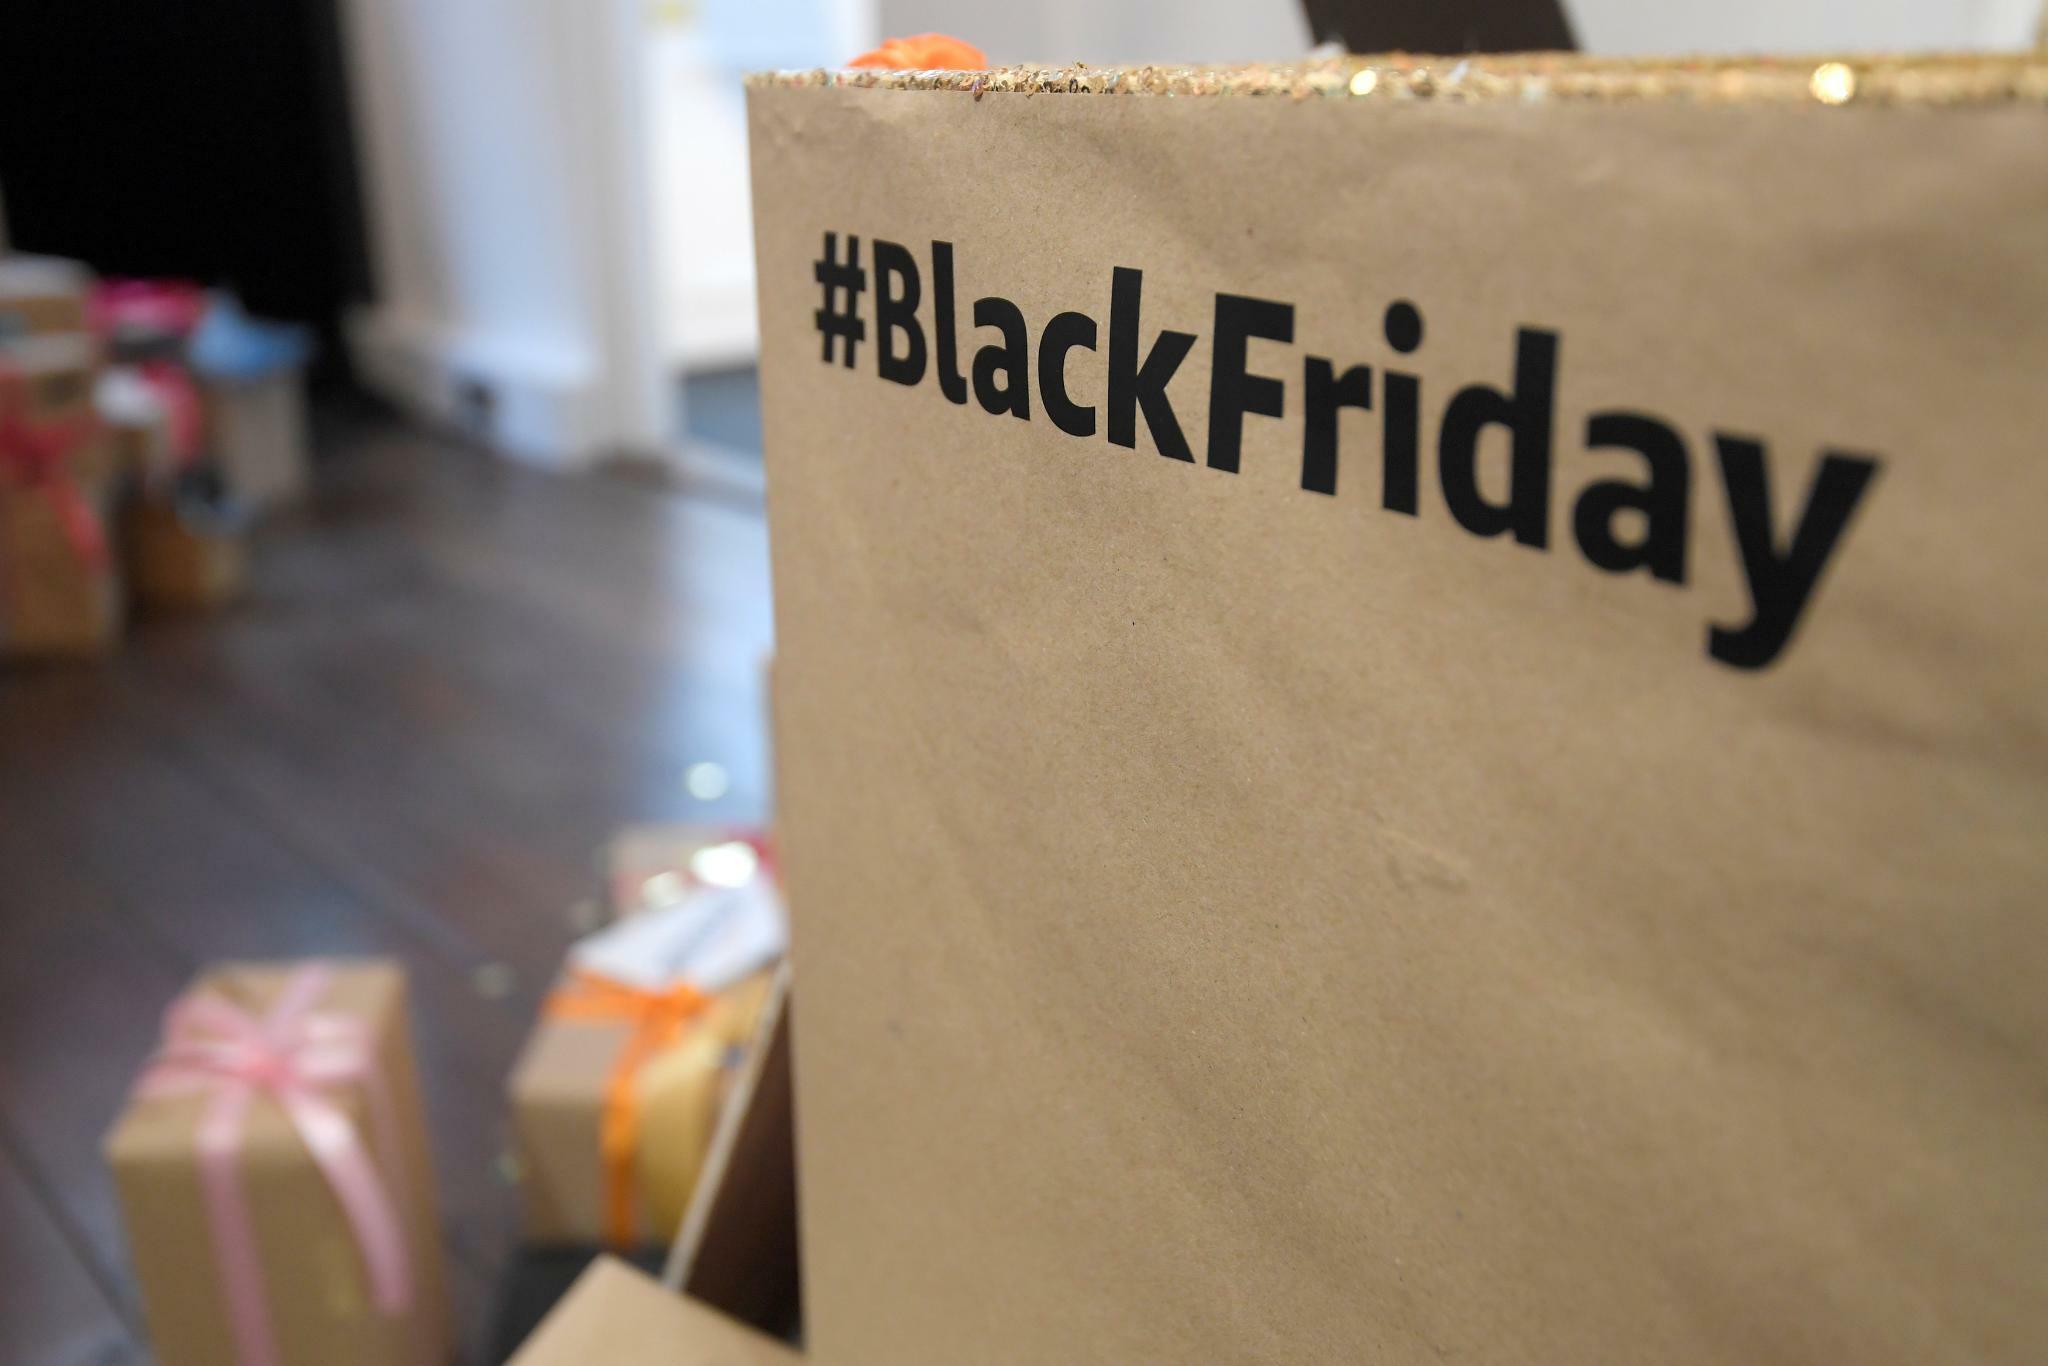 Black Friday 2019: Die 7 größten Fehler beim Black-Friday-Shopping